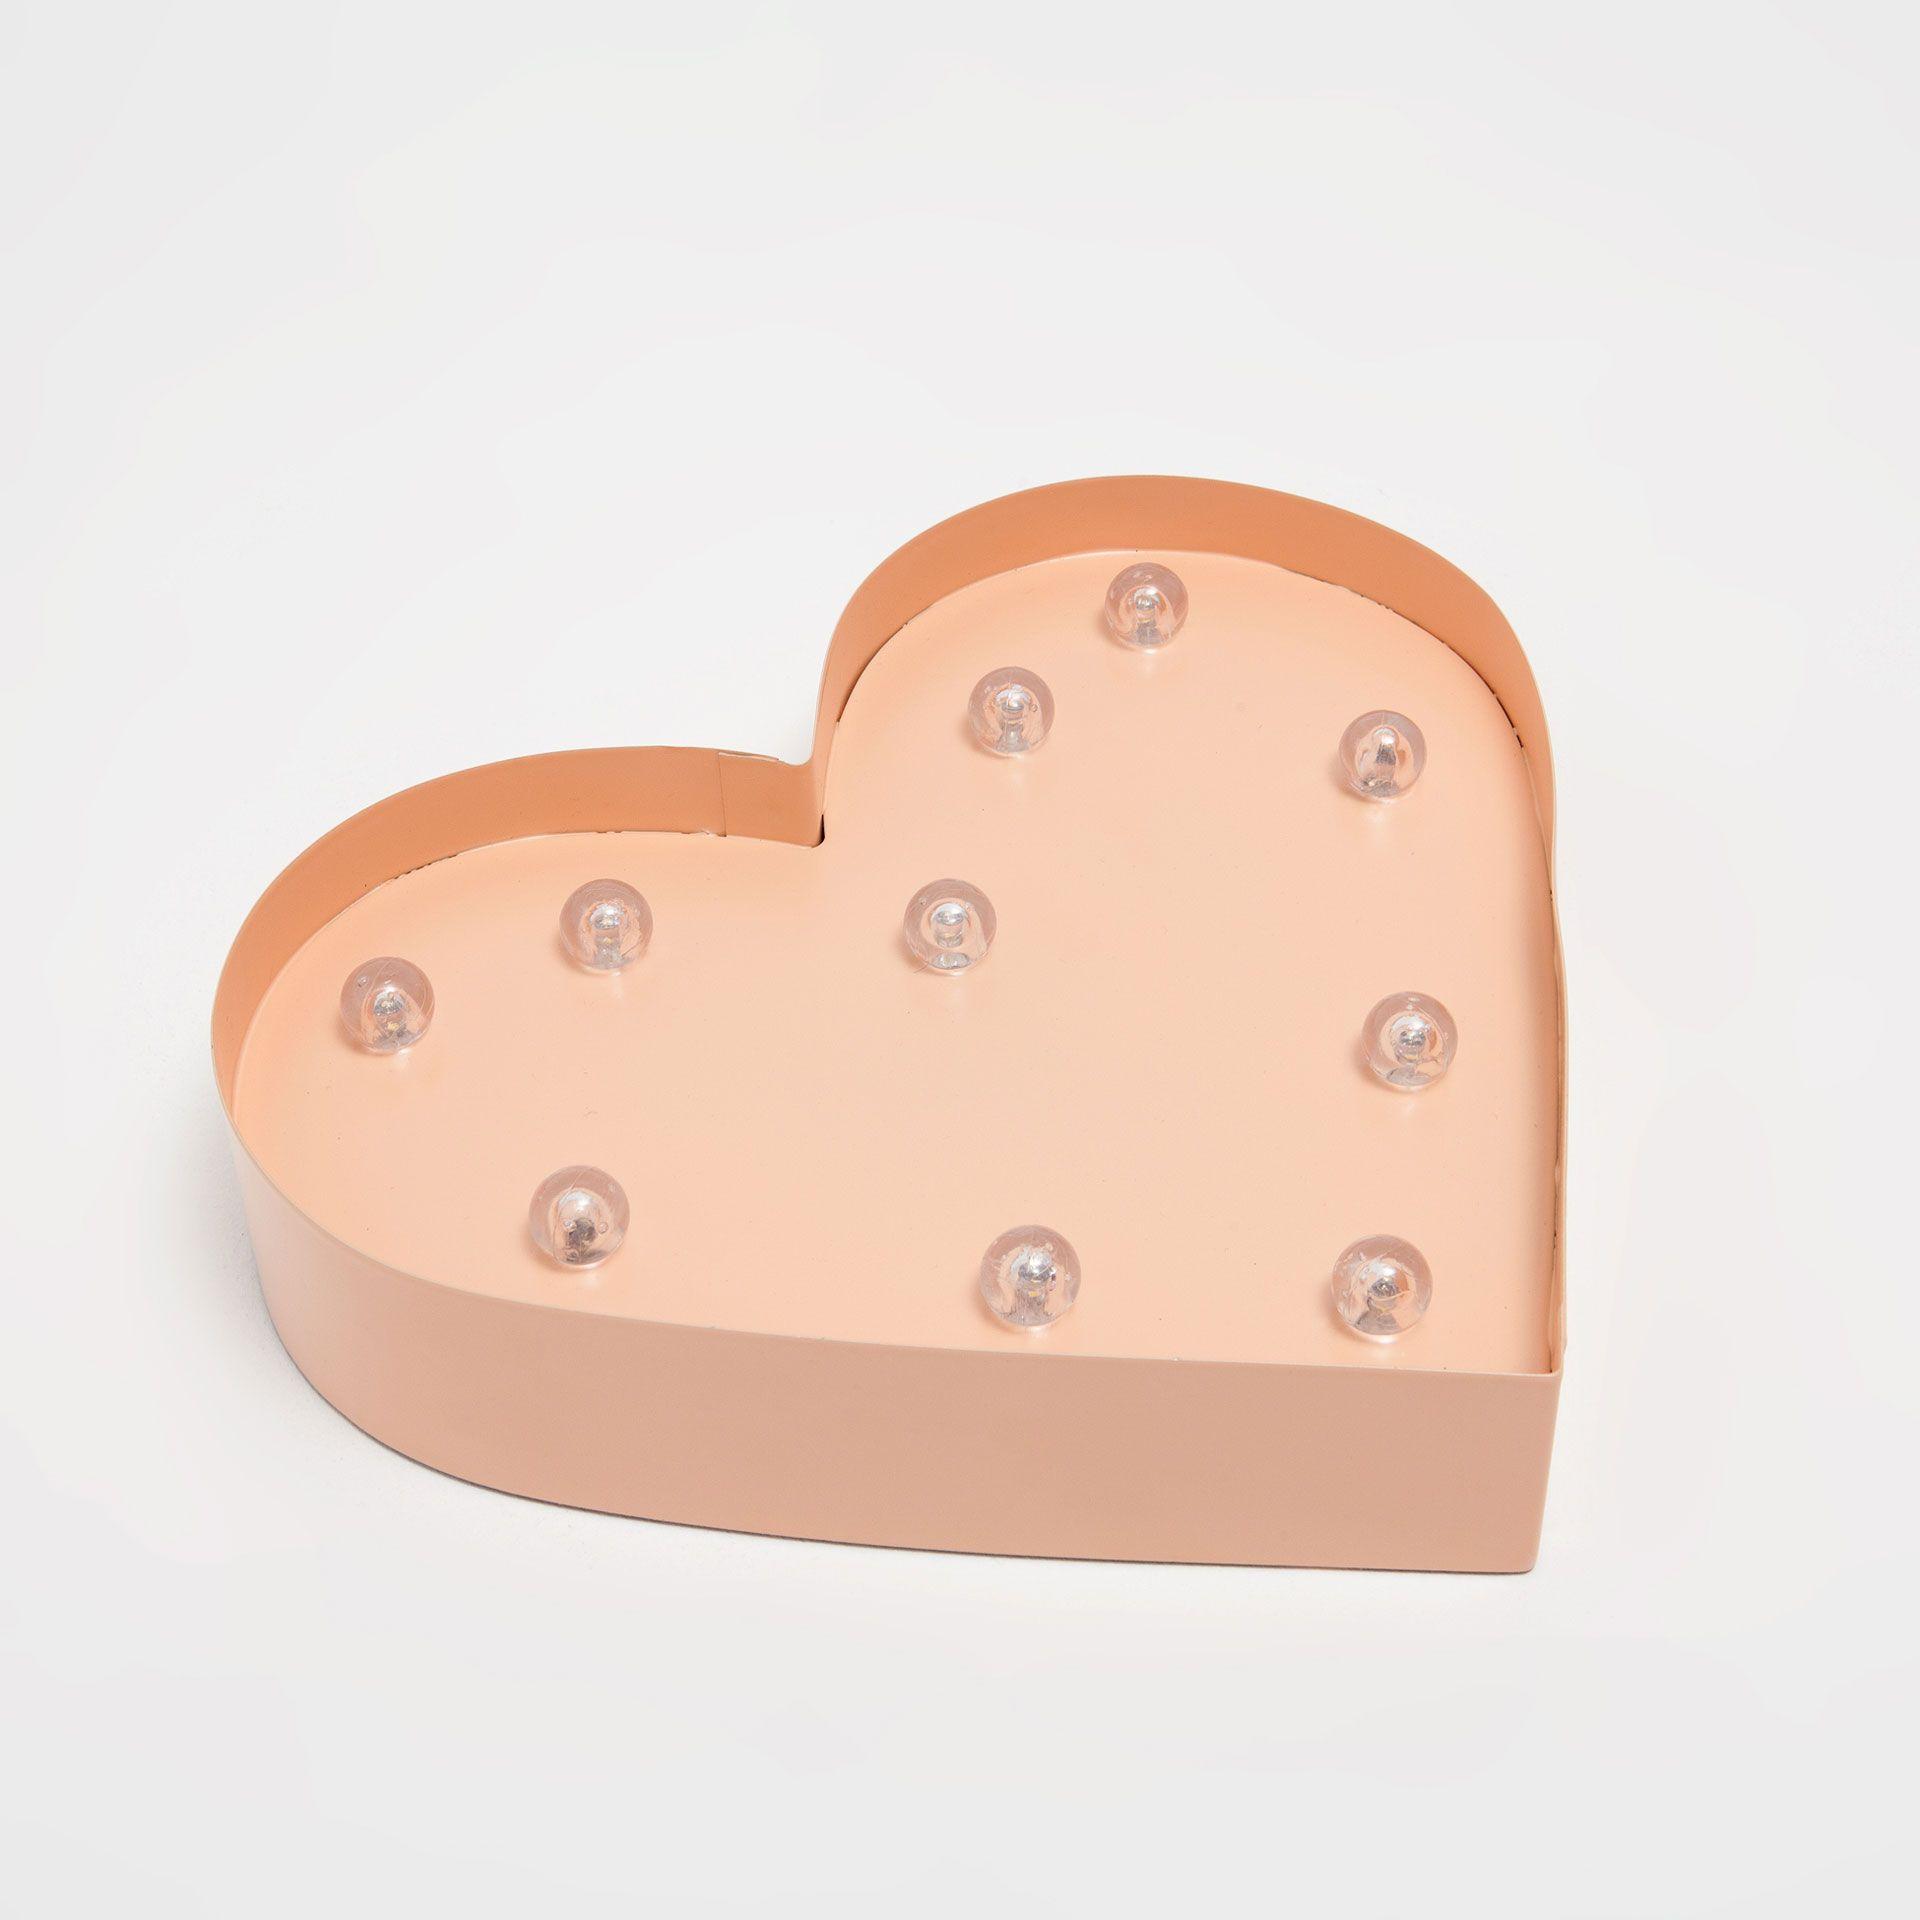 Billede 4 af produktet: Lampe formet som hjerte